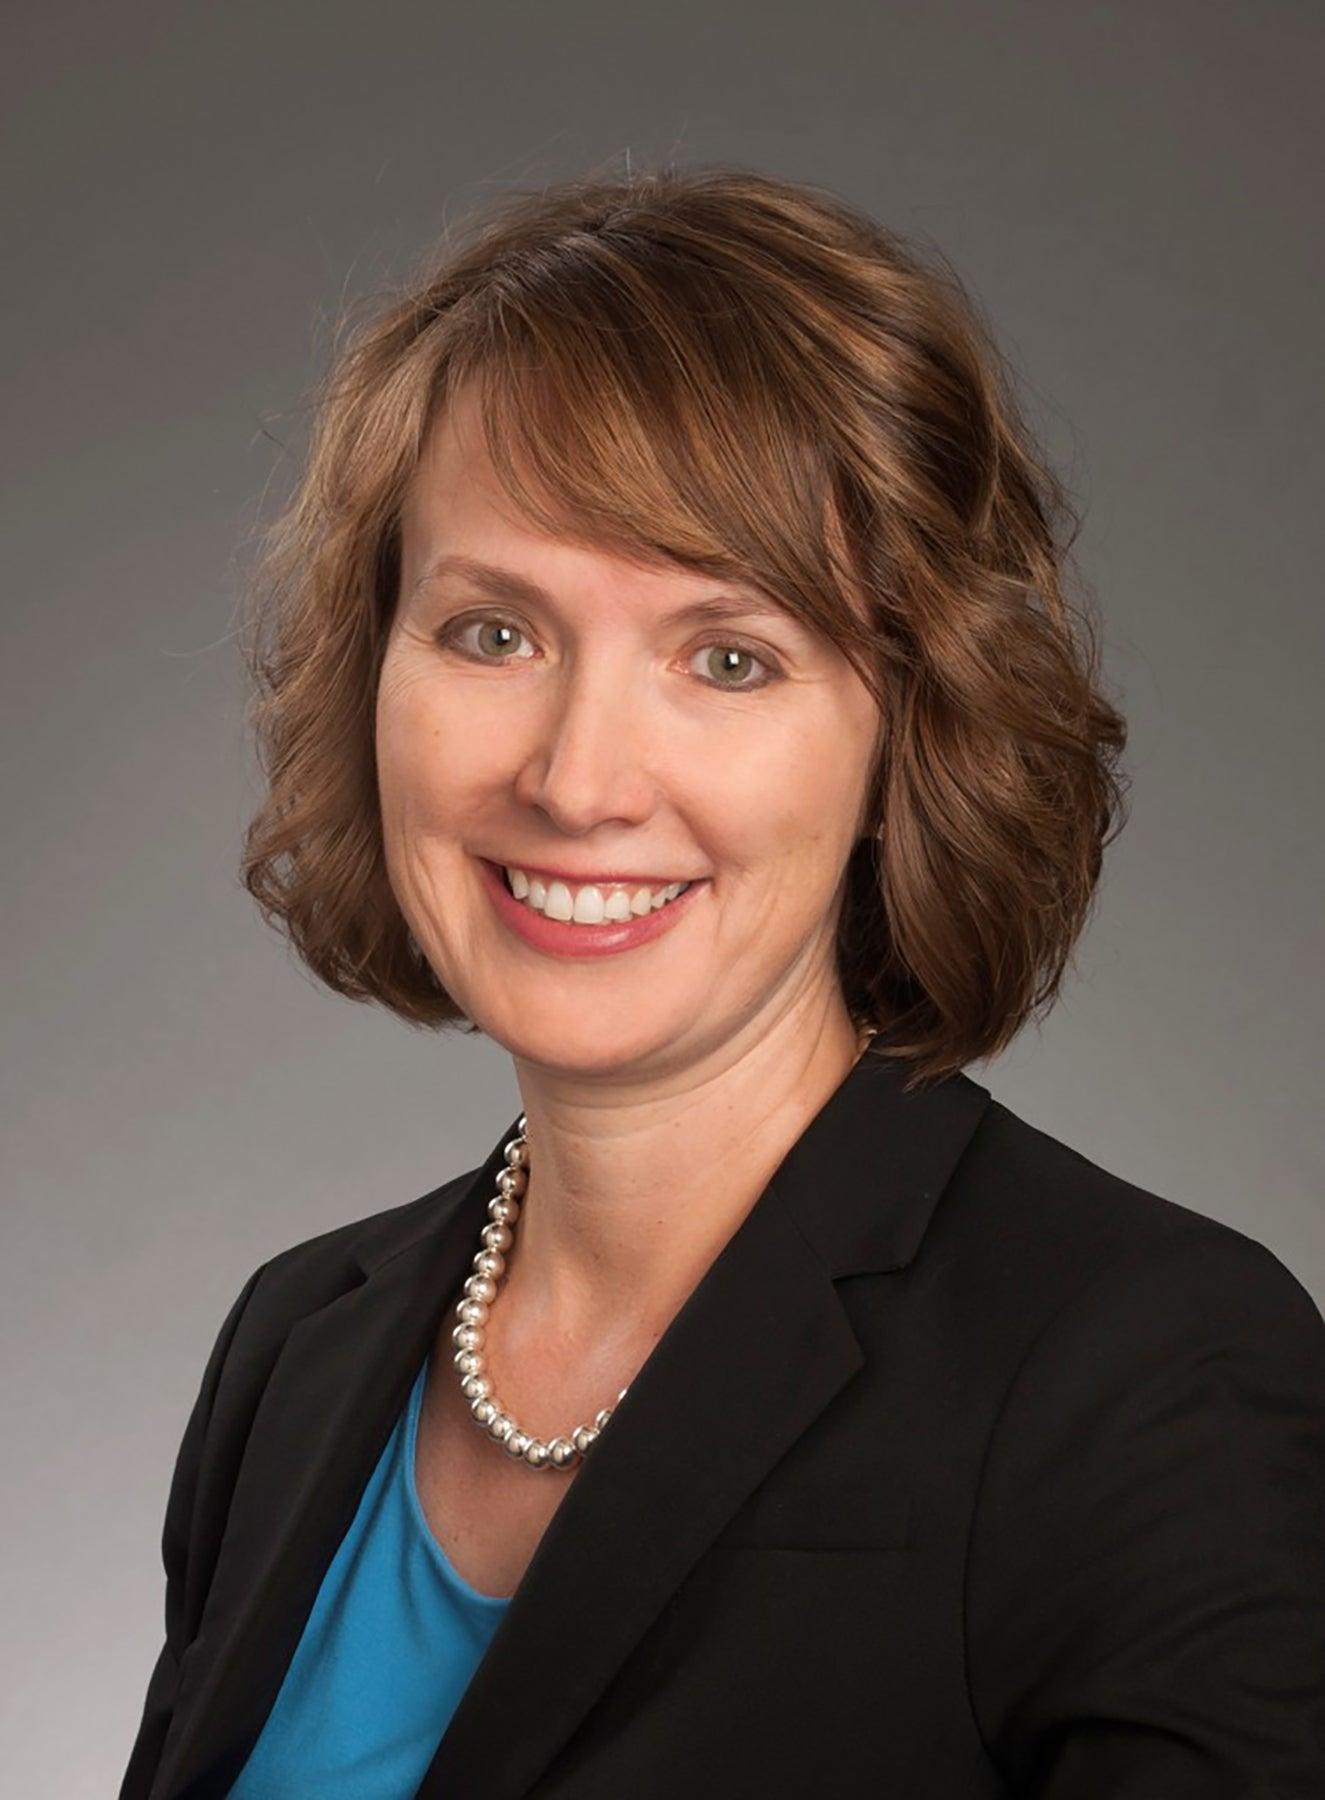 Portrait of Leslie